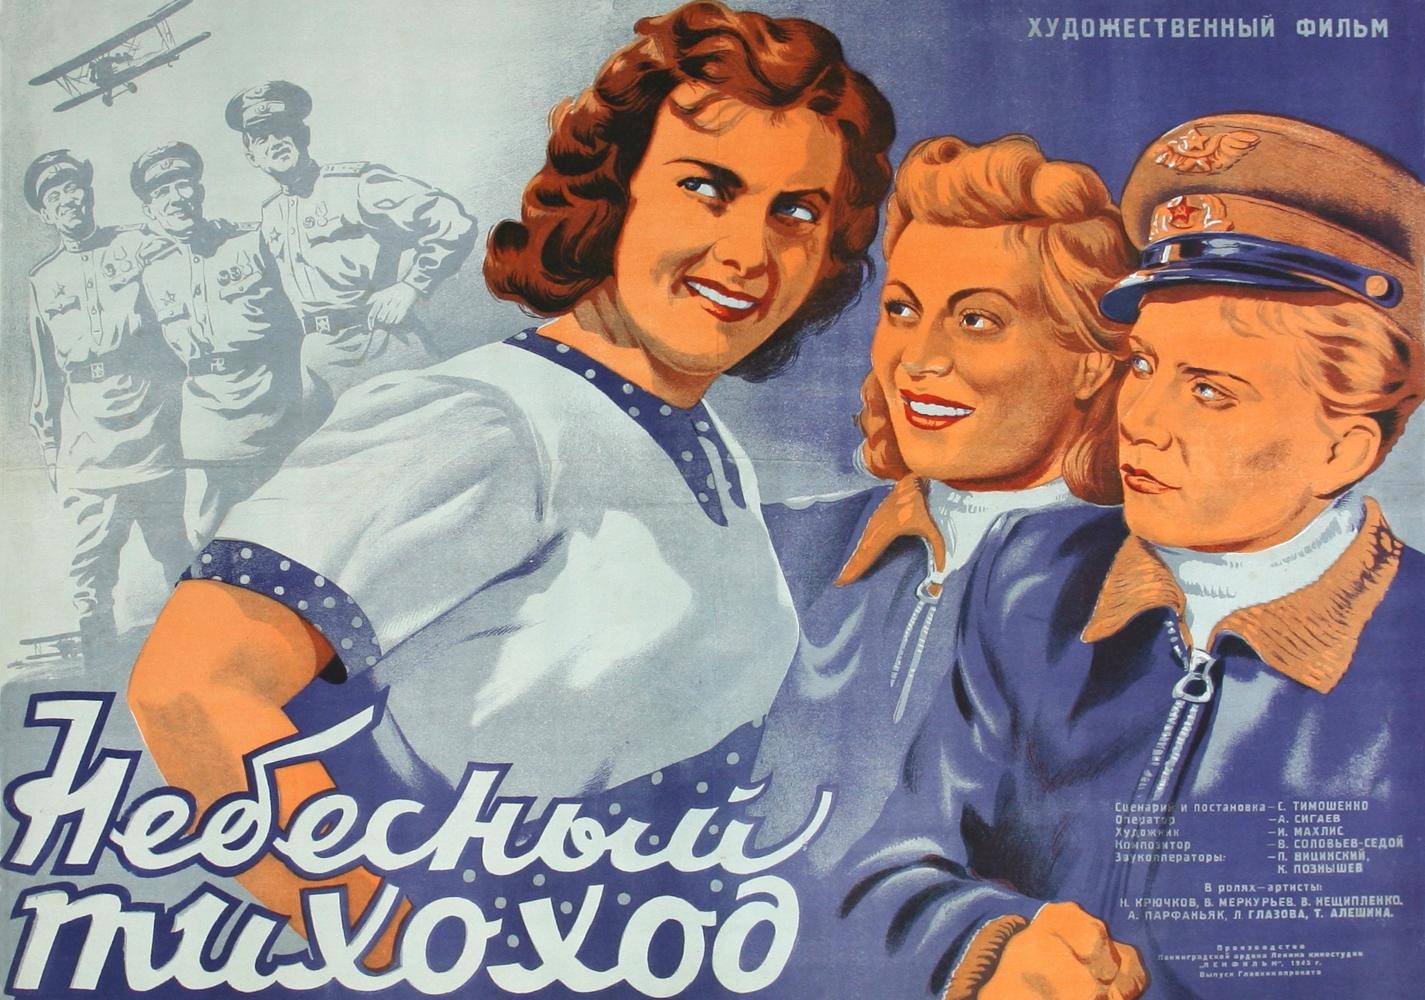 Постеры из фотографий в екатеринбурге